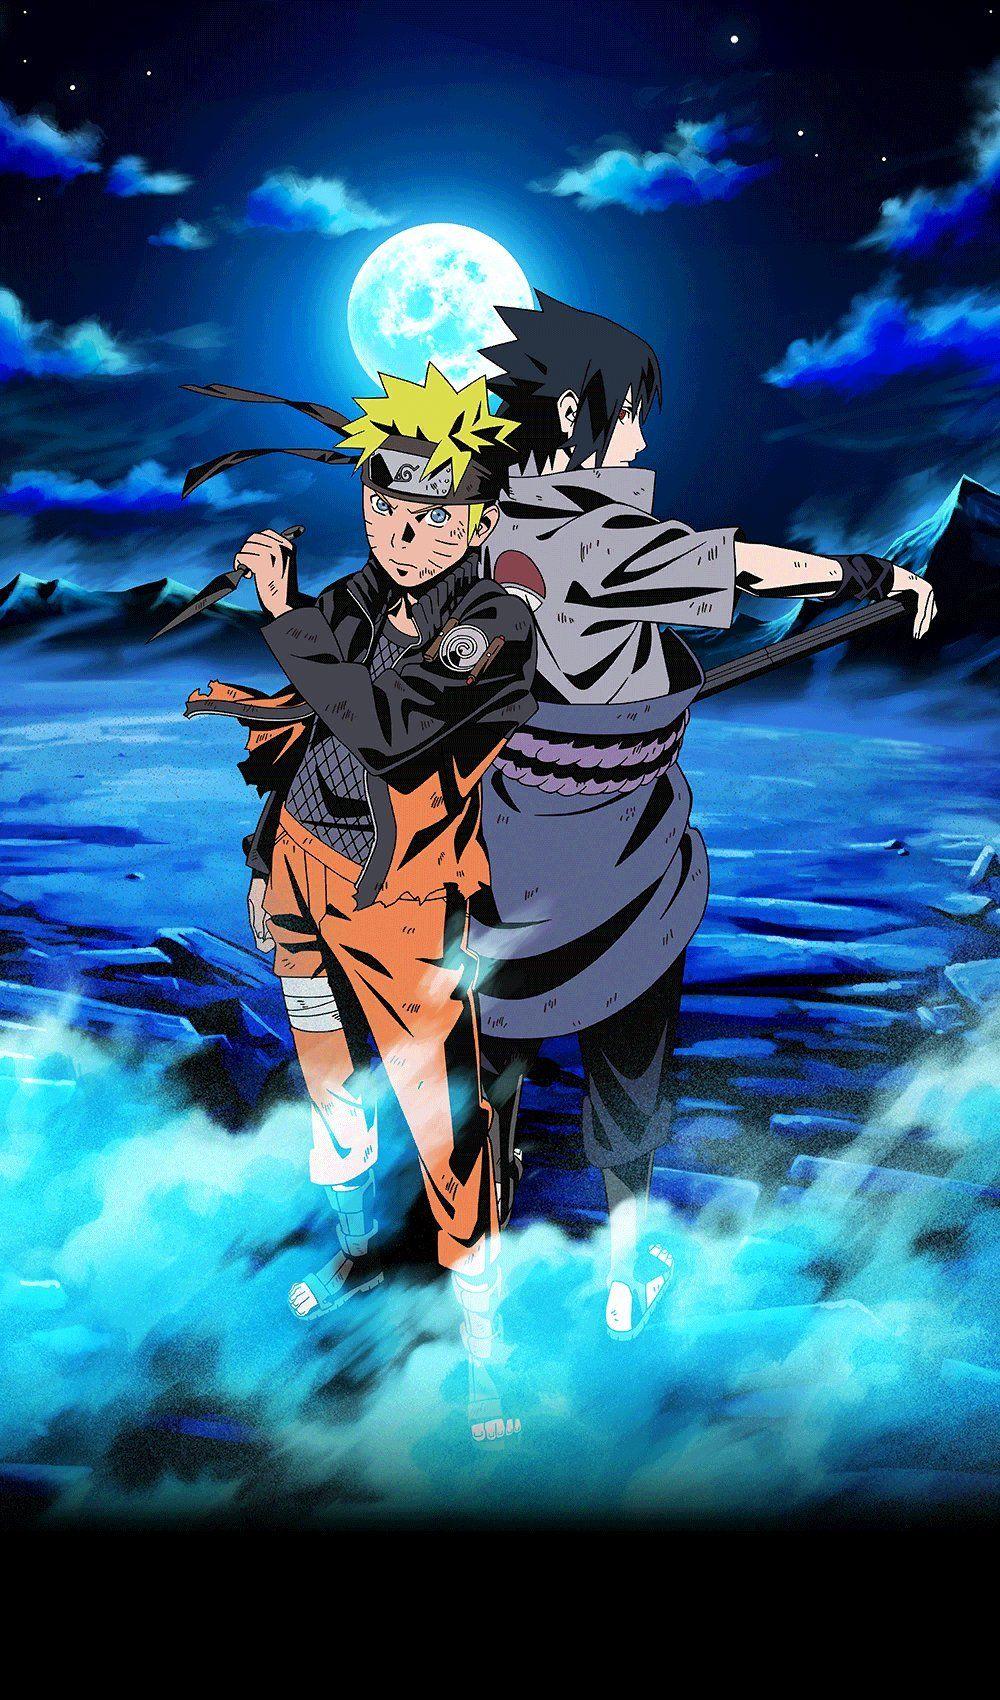 Pin By Hahahihimvp On Anima Naruto Dan Sasuke Naruto Shippuden Sasuke Naruto Shippuden Anime